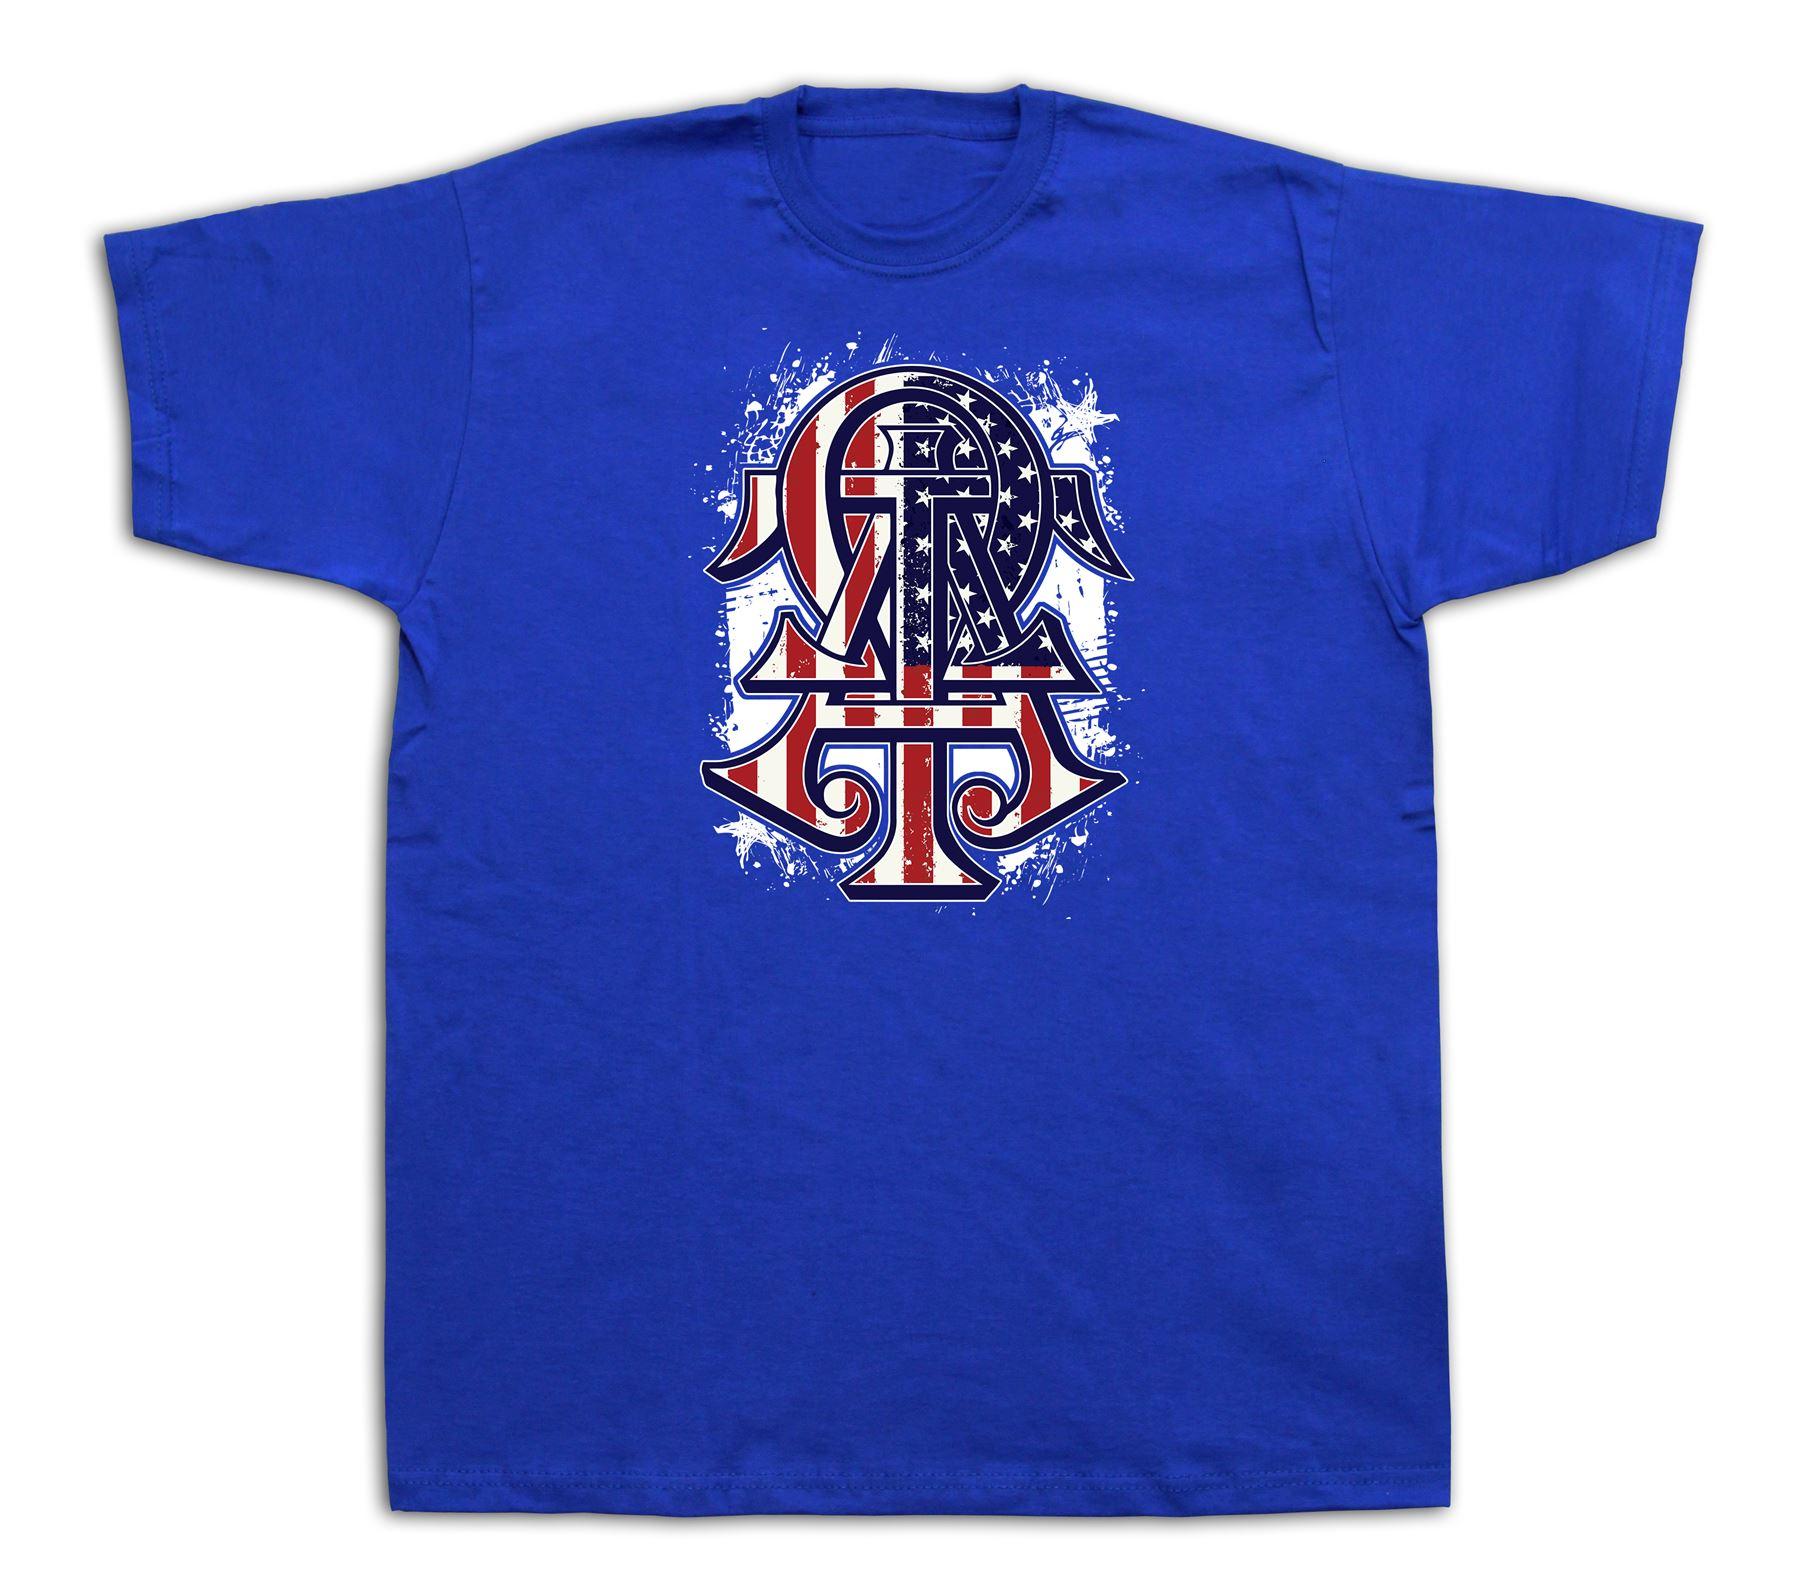 Omega usa flag t shirt master tee rare signcharm luck tee for T shirt printing usa